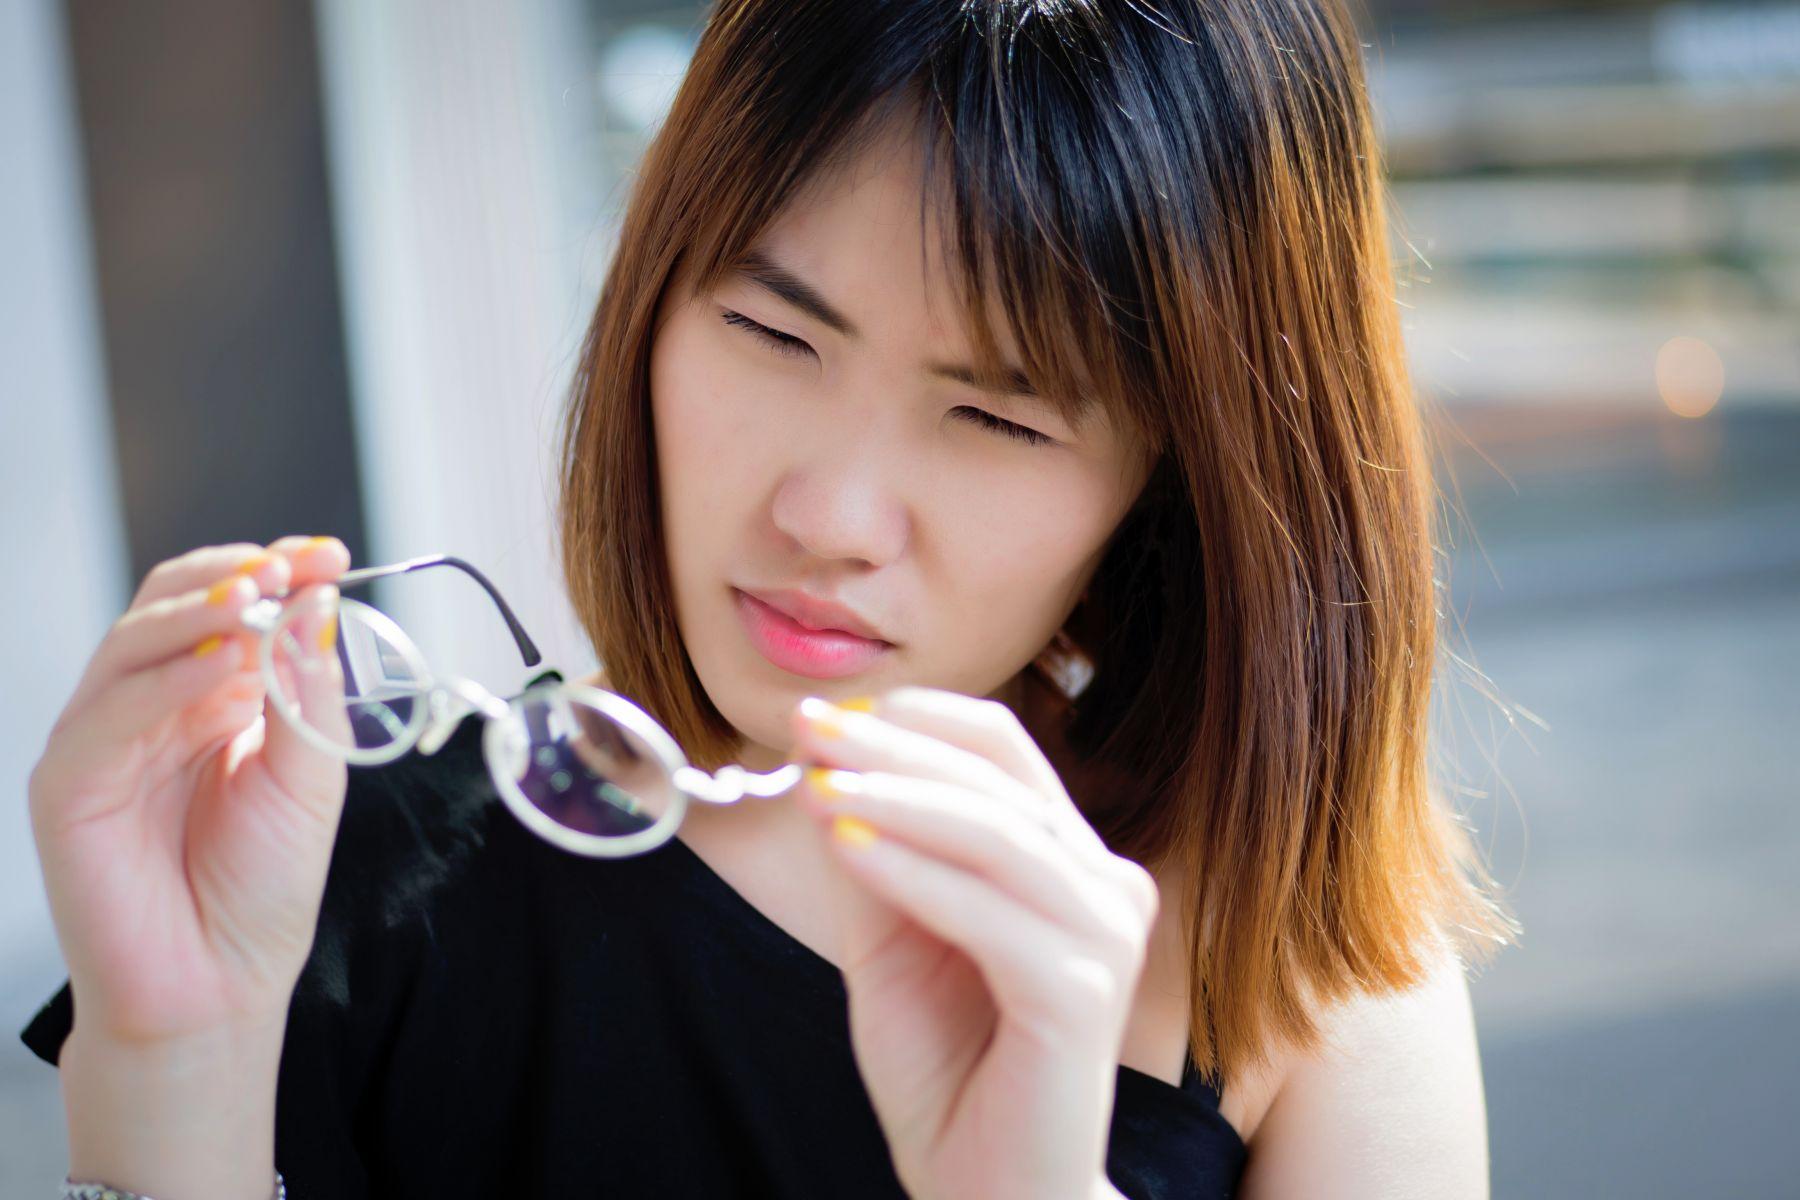 視力減退,看東西好模糊?50歲後易「白內障」,出現4症狀快找眼科醫師檢查